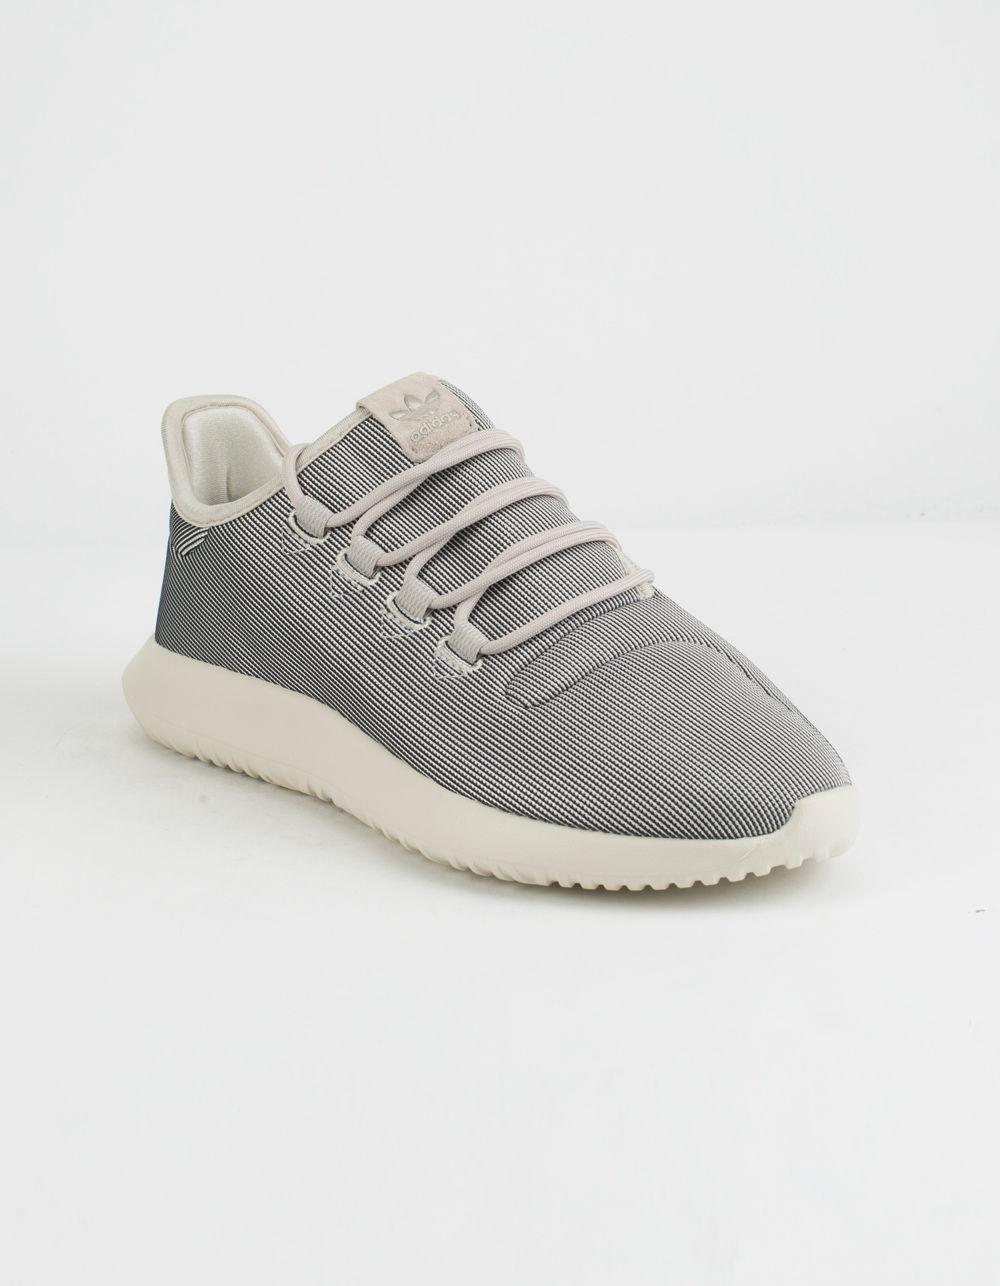 newest 4e40b c4b99 Gray Tubular Shadow Platinum Metallic Womens Shoes